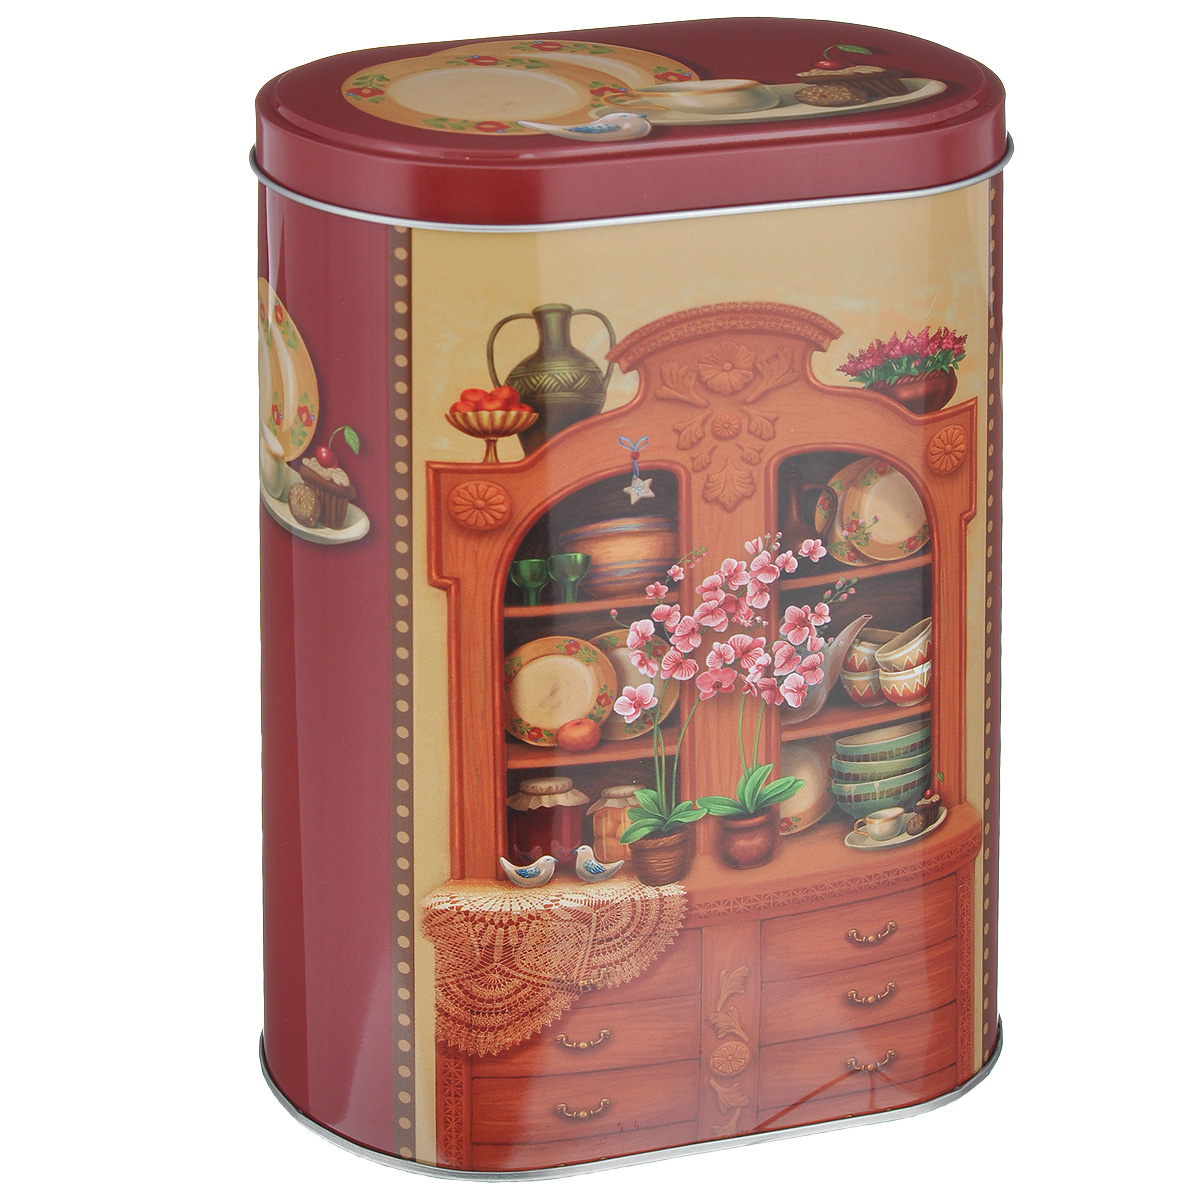 Банка для сыпучих продуктов Феникс-презент Бабушкин сервант, 1,7 л37656Банка для сыпучих продуктов Феникс-презент Бабушкин сервант, изготовленная из окрашенного черного металла, оформлена ярким рисунком. Банка прекрасно подойдет для хранения различных сыпучих продуктов: специй, чая, кофе, сахара, круп и многого другого. Емкость плотно закрывается крышкой. Благодаря этому она будет дольше сохранять свежесть ваших продуктов.Функциональная и вместительная, такая банка станет незаменимым аксессуаром на любой кухне. Нельзя мыть в посудомоечной машине.Объем банки: 1,7 л.Высота банки (без учета крышки): 18,5 см. Размер банки (по верхнему краю): 13,5 см х 7,5 см.